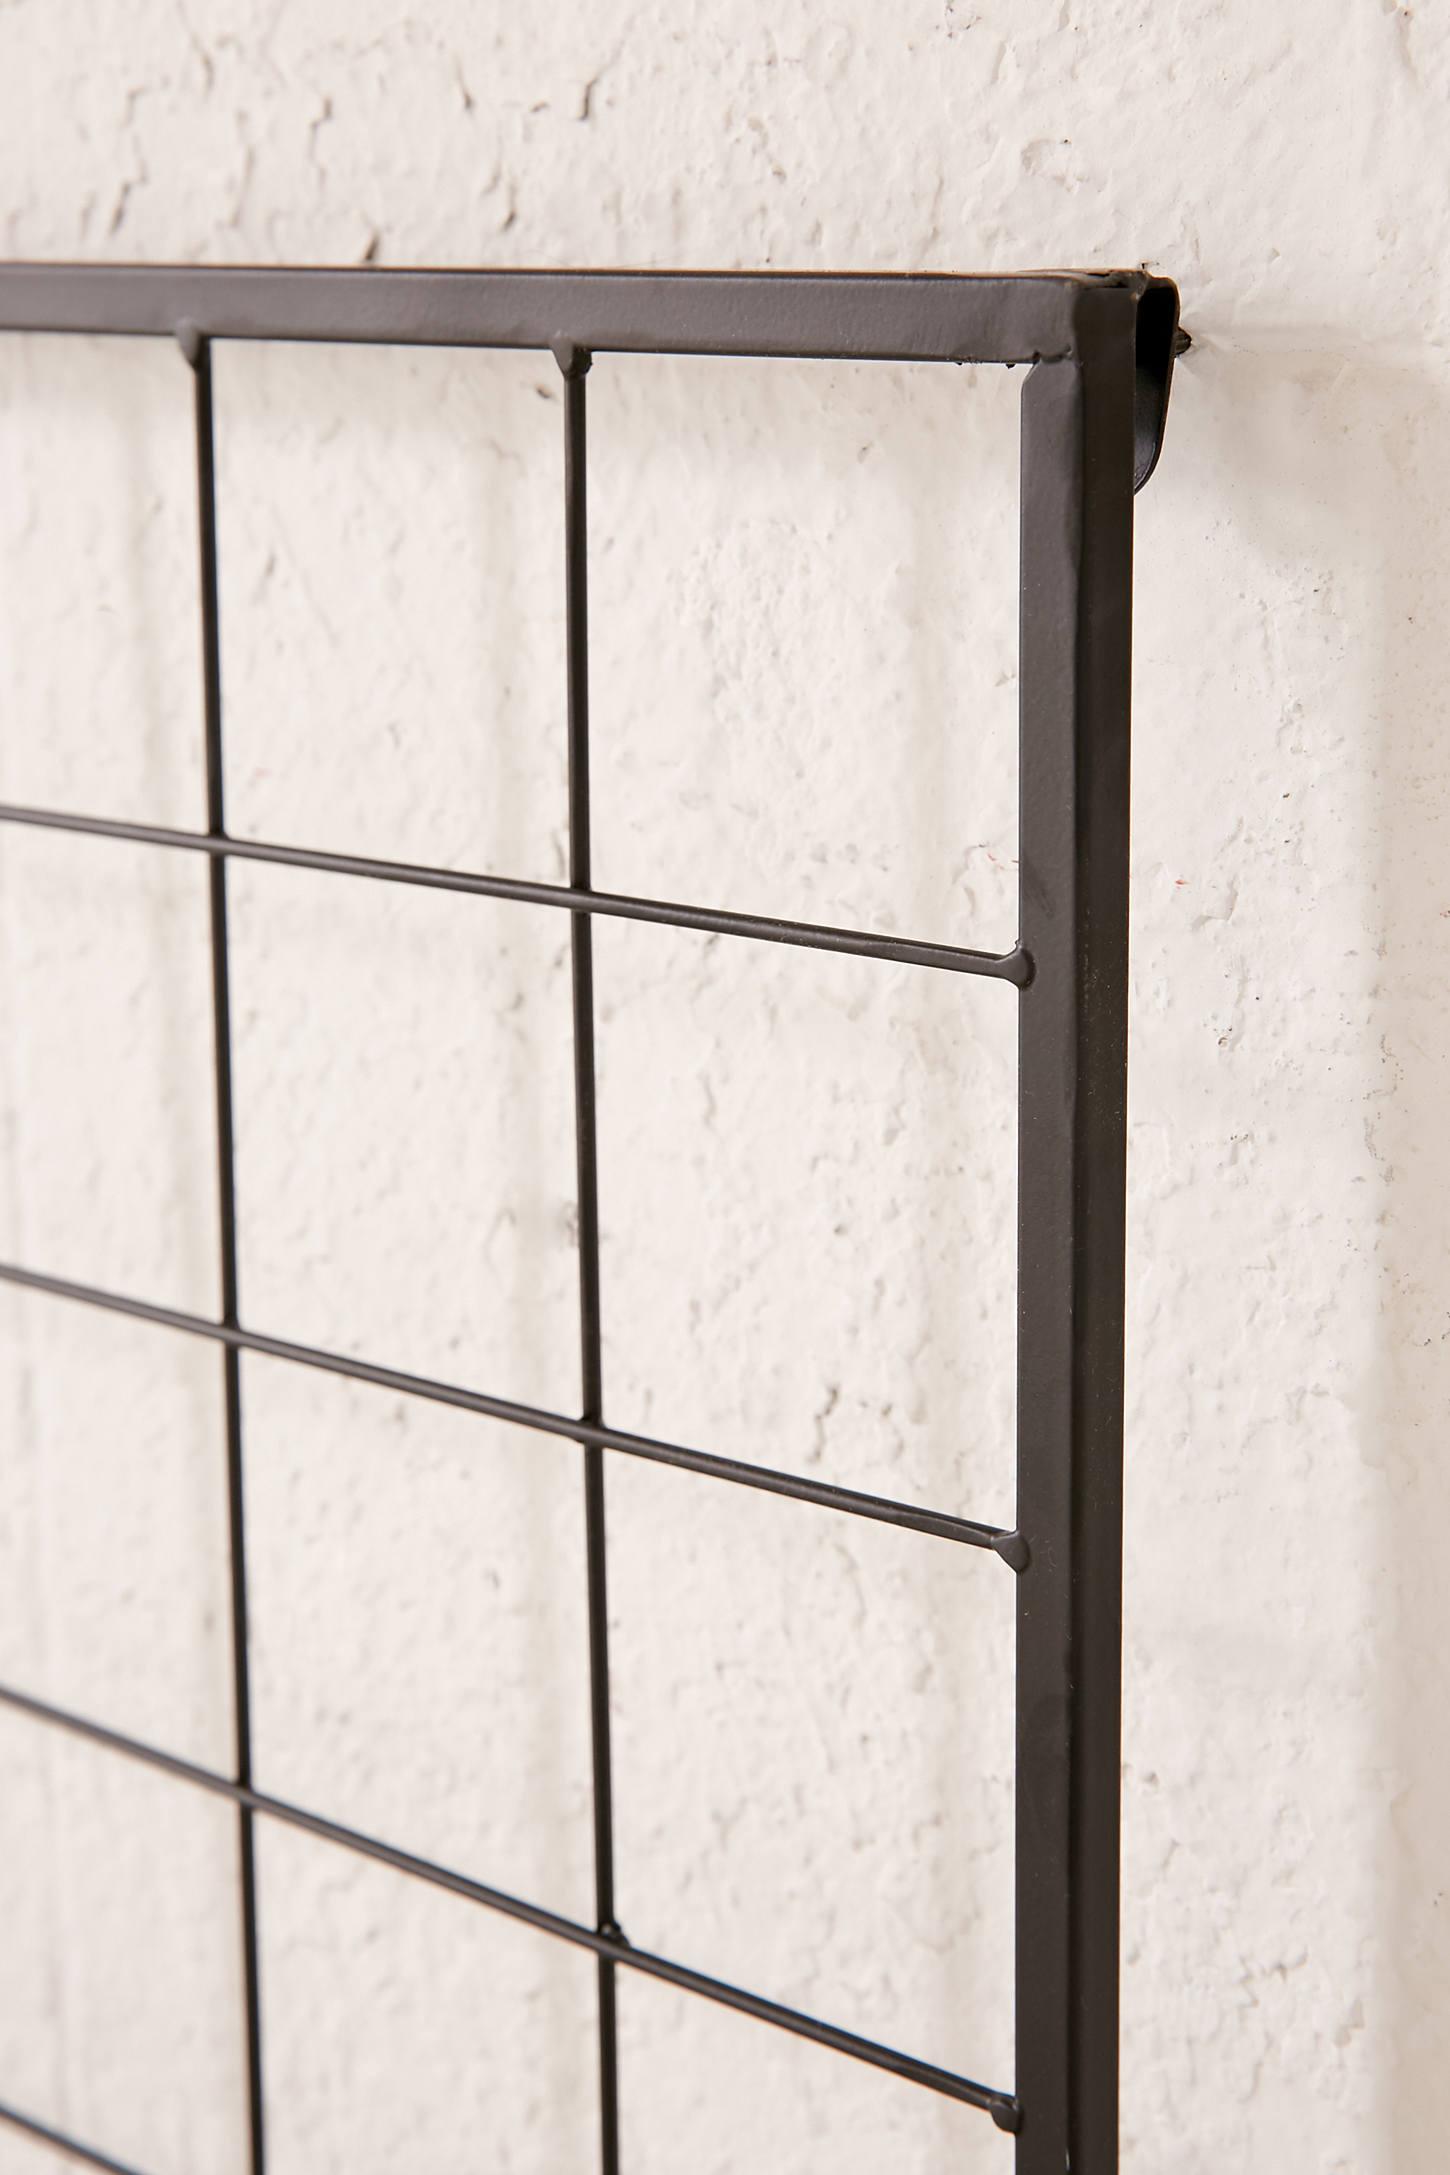 Metal Grid Wall grid metal headboard | urban outfitters